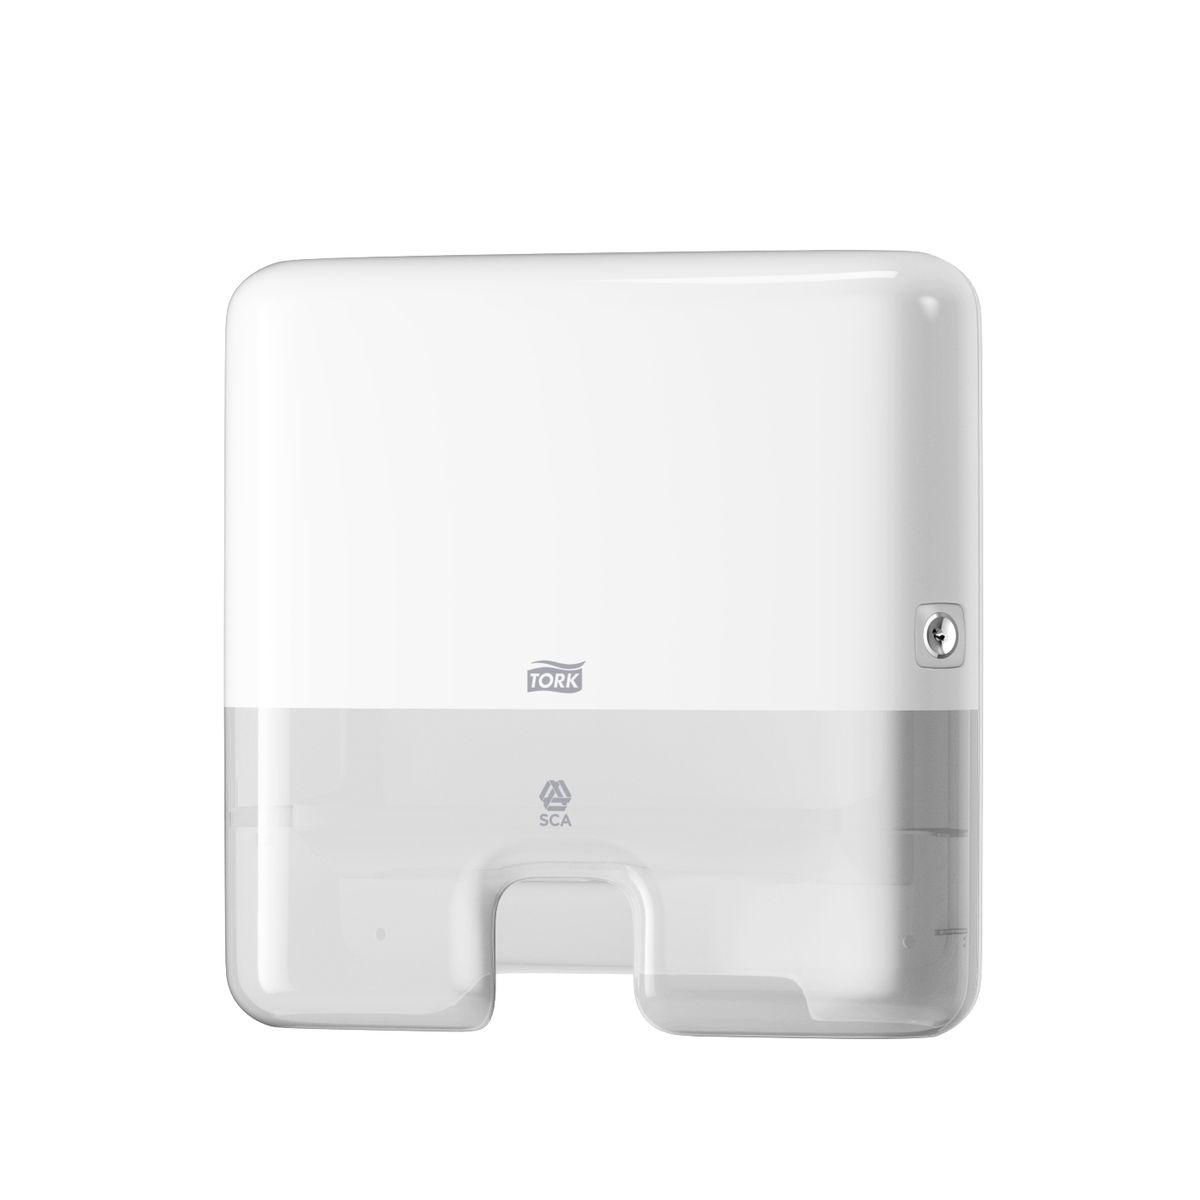 Держатель для бумажных полотенец Tork Система H2, цвет: белый552100Диспенсер для бумажных полотенец Torkпредназначен для использования с узкопанельными полотенцами, сложенными двойным зигзагом (только для полотенец шириной до 21 см). Полотенце при отборе разворачивается полностью, что сокращает расход бумаги. Ультратонкий дизайн - подходит для туалетных комнат любой площади. Диспенсеры Tork Elevation имеют функциональный современный дизайн, который надолго оставляет у гостей приятное впечатление.Диспенсер Tork для листовых полотенец подходит для мест с высоким уровнем комфорта для посетителей - например, ресторанов, офисов и медицинских центров.Полистовой отбор позволяет снизить стоимость эксплуатации и образование отходов. Полотенца легко пополнять - бумага никогда не закончится неожиданно. Легкое обслуживание благодаря защите от переполнения.